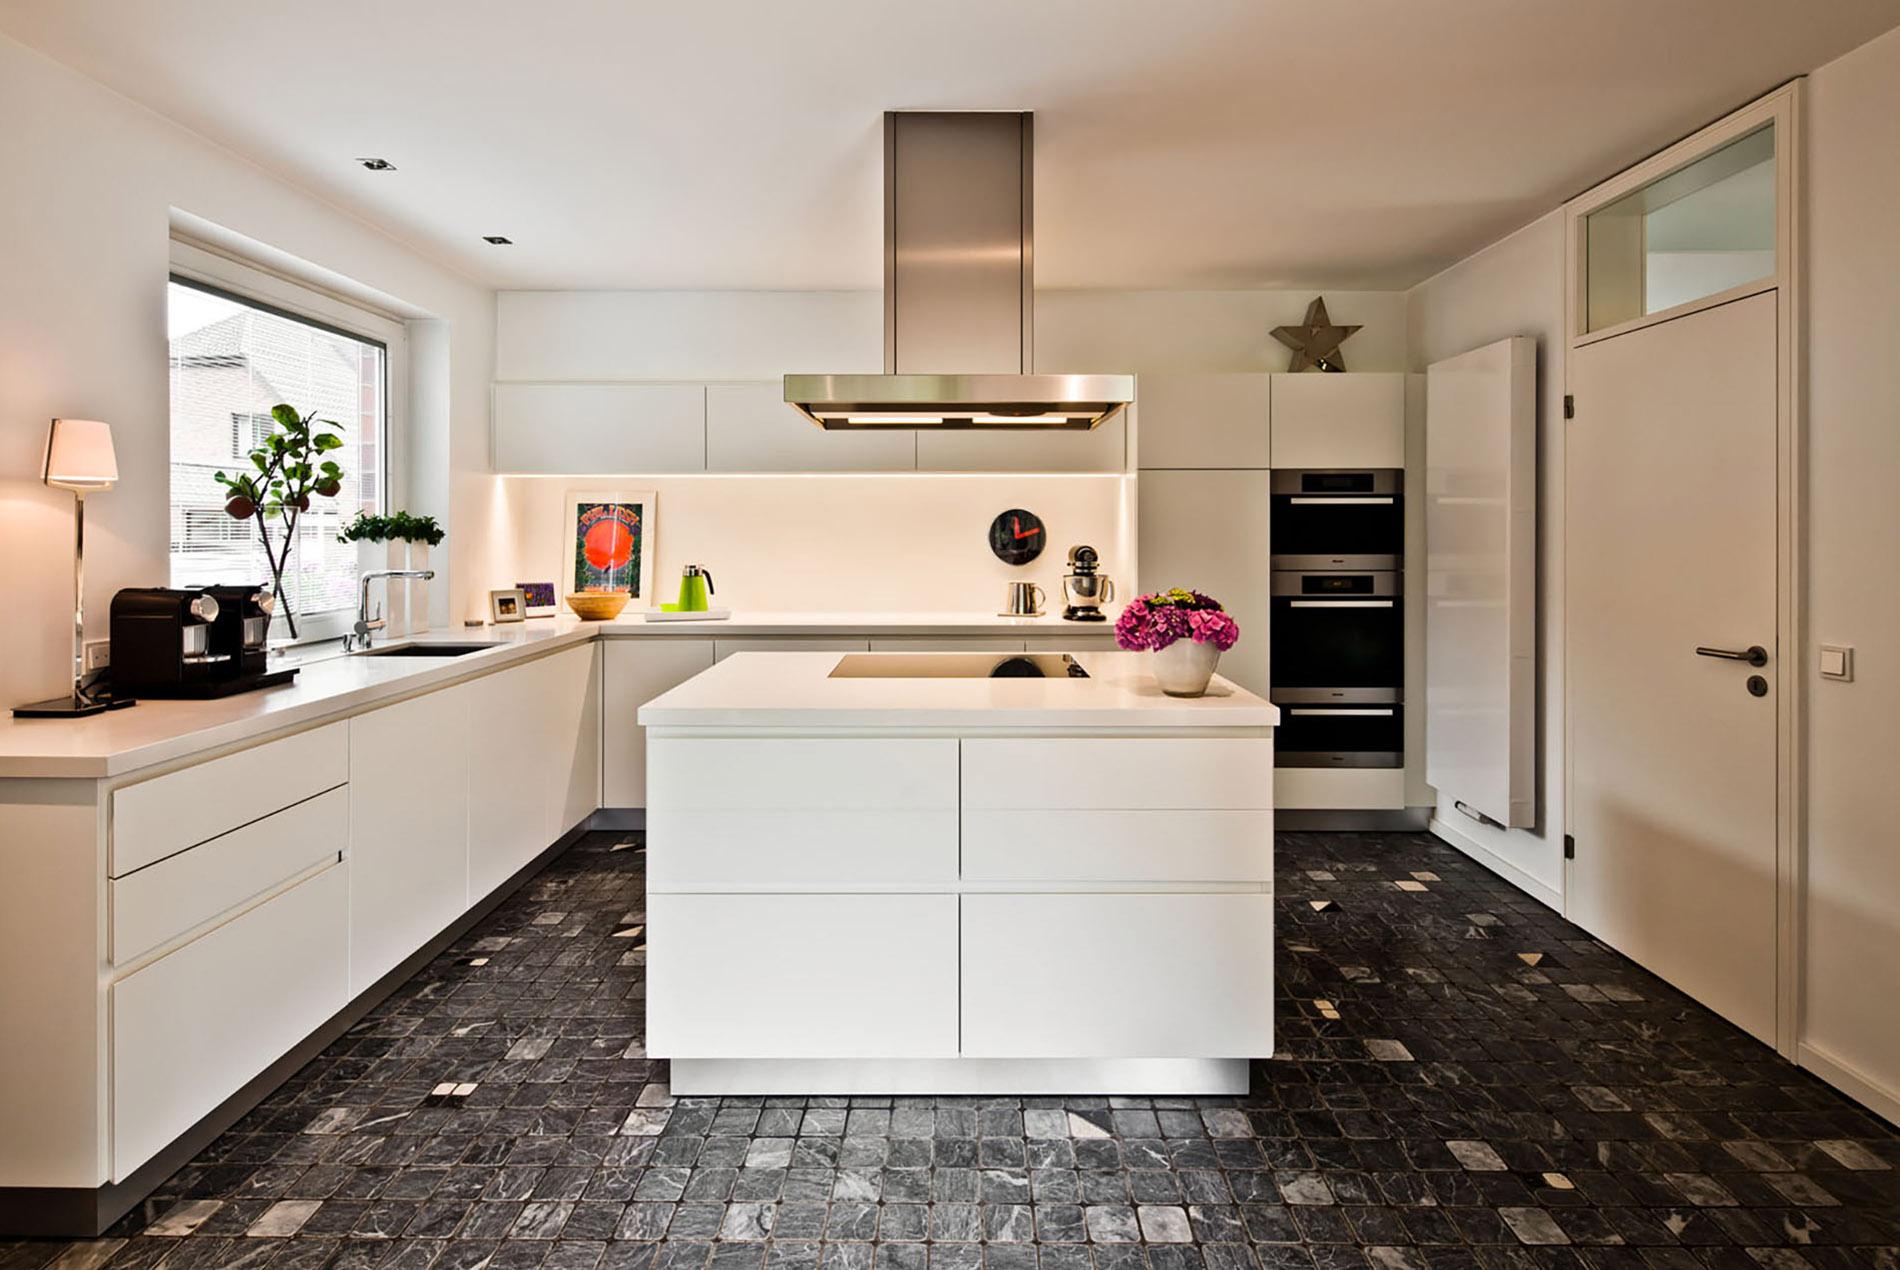 Moderne Kuchen Mit Kochinsel Bilder – Caseconrad.com